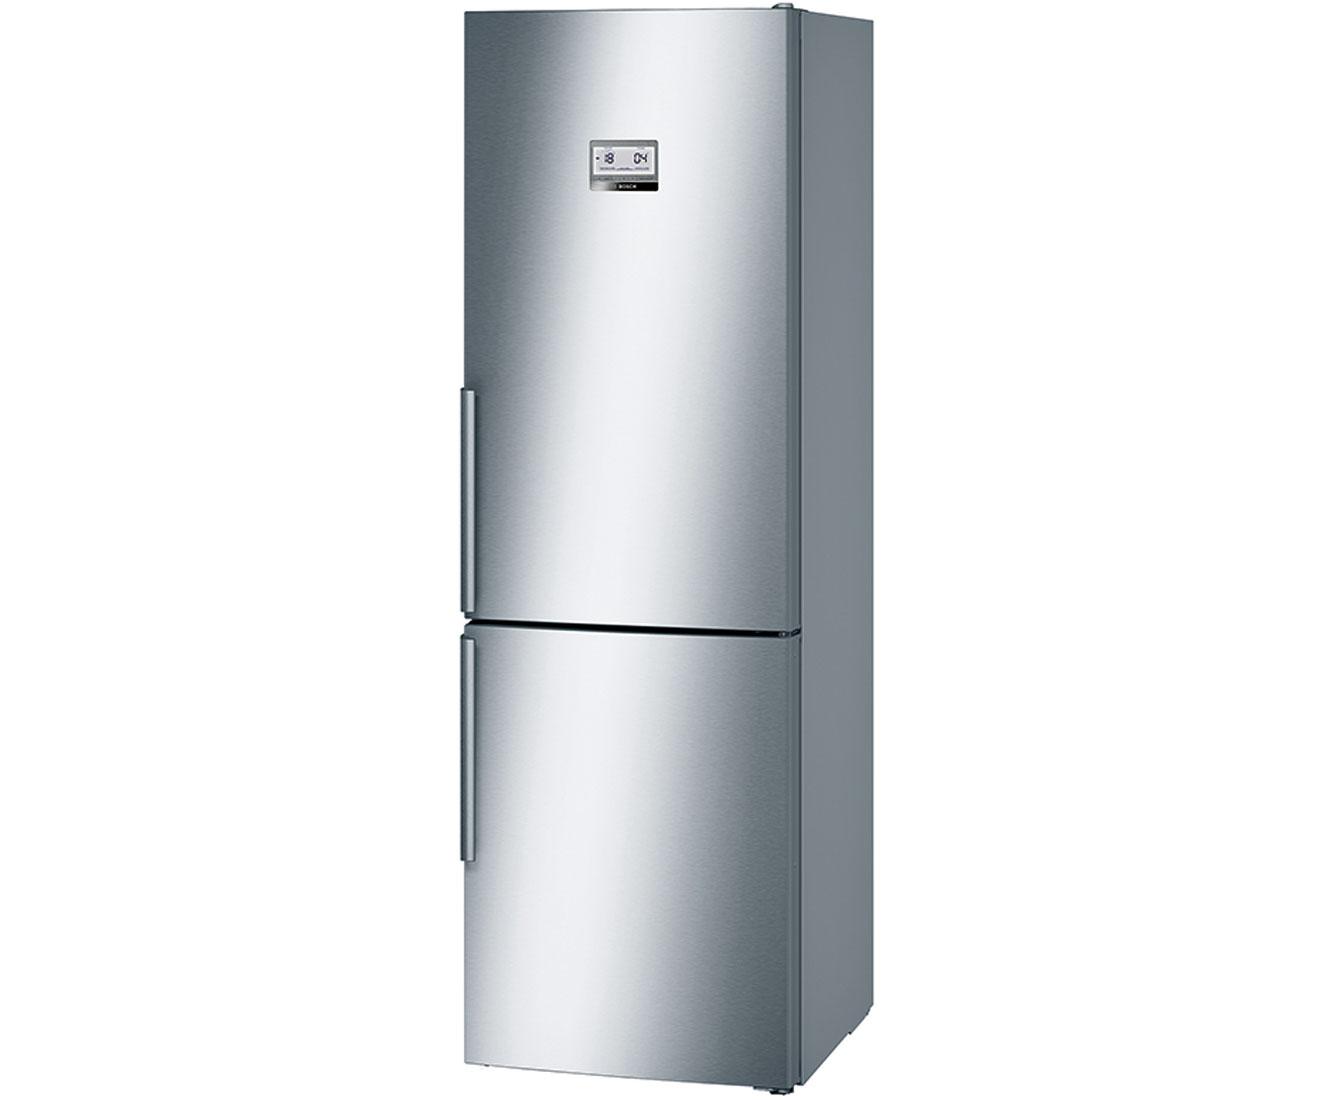 Smeg Kühlschrank Tür Quietscht : Bosch kühlschrank quietscht bosch kühlschrank quietscht offen